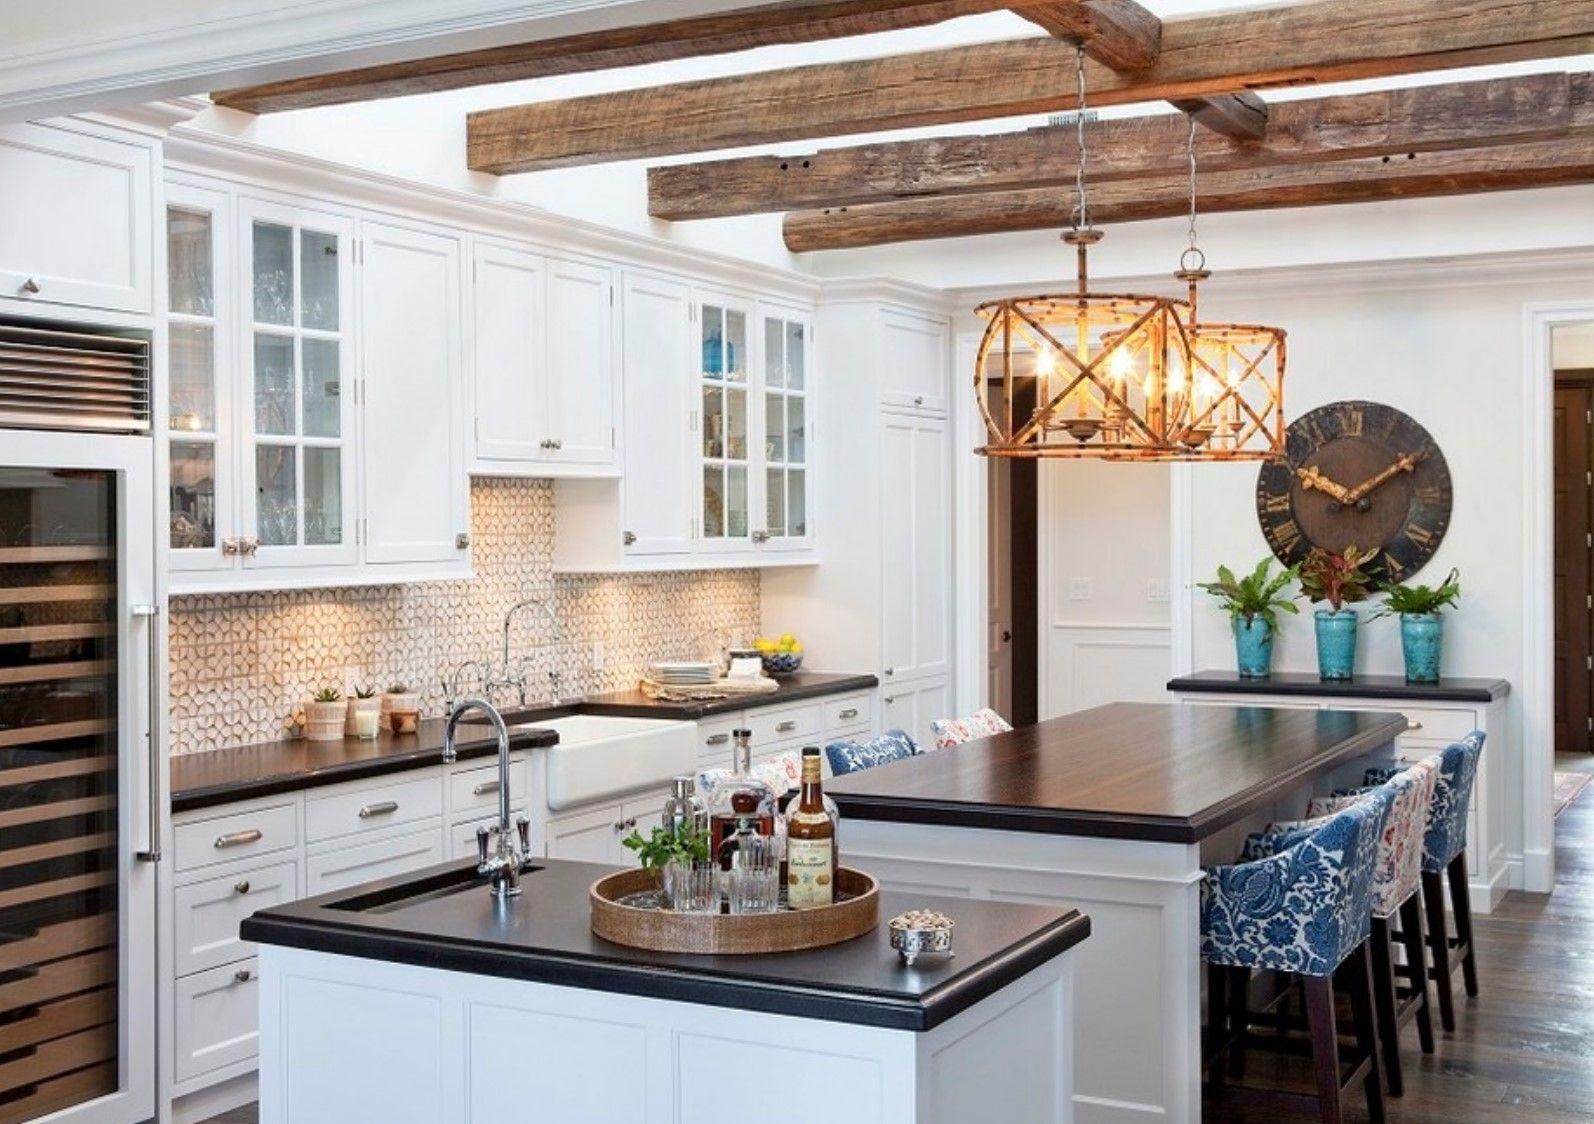 Top 15 Best Materials For Kitchen Countertops 2020